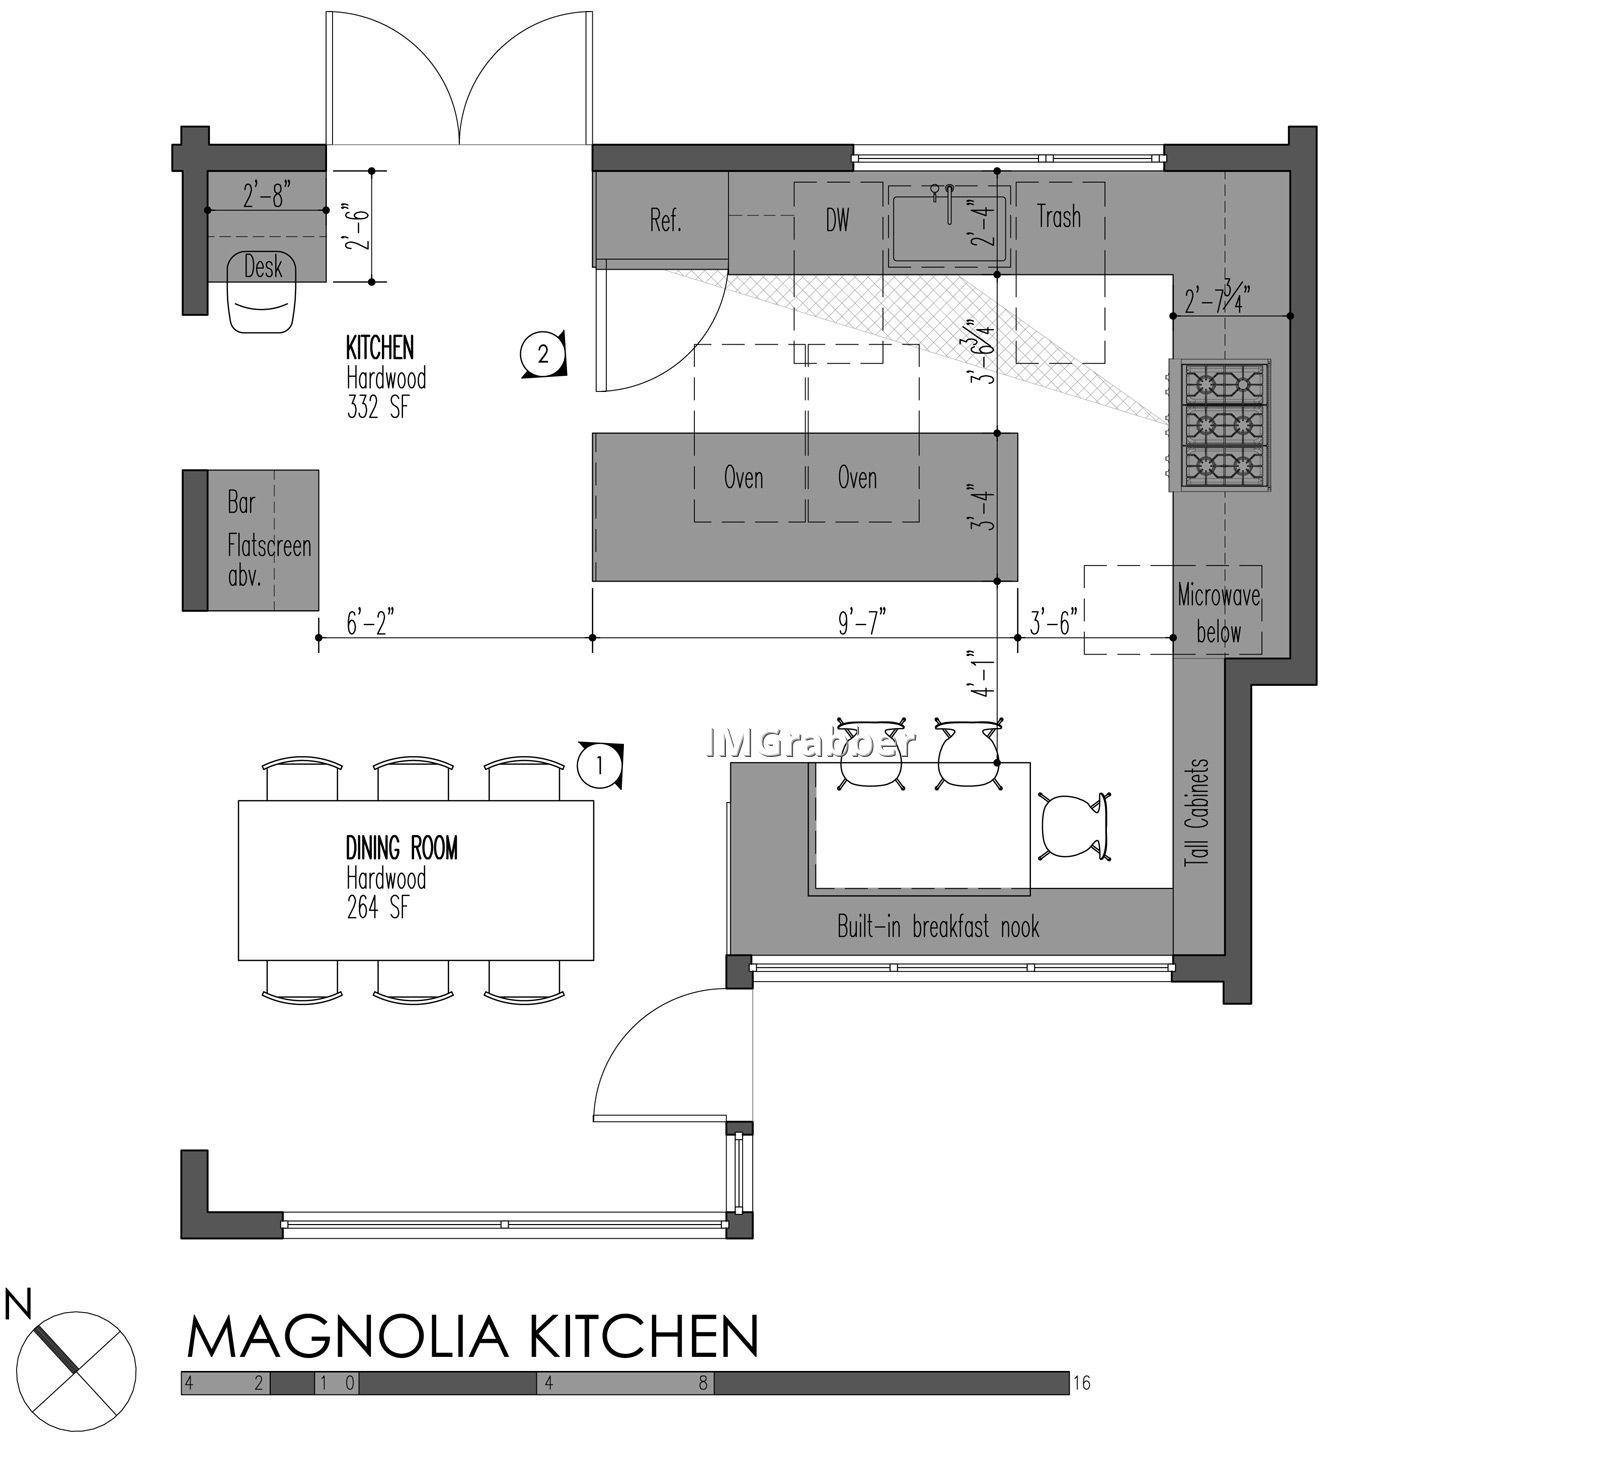 Standard Size Kitchen Island Sink Kitchen Island Dimensions Modern Kitchen Design Kitchen Island Size